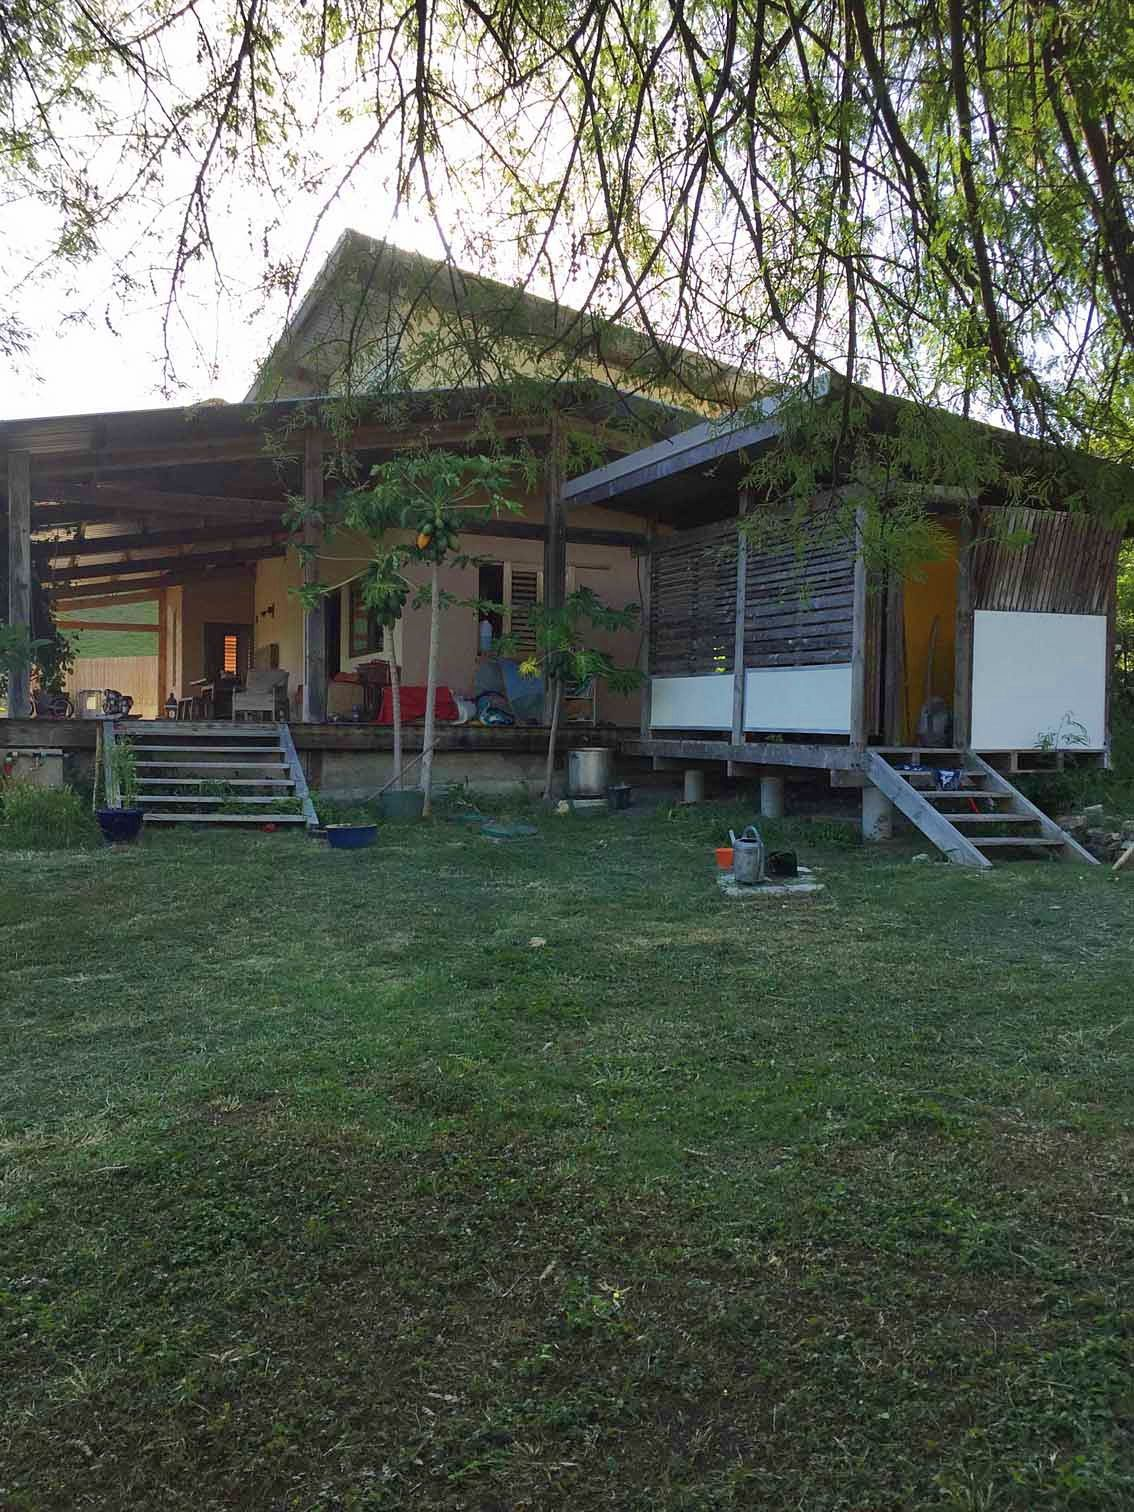 Vends maison 3chambres - 125m² - Nouvelle-Calédonie